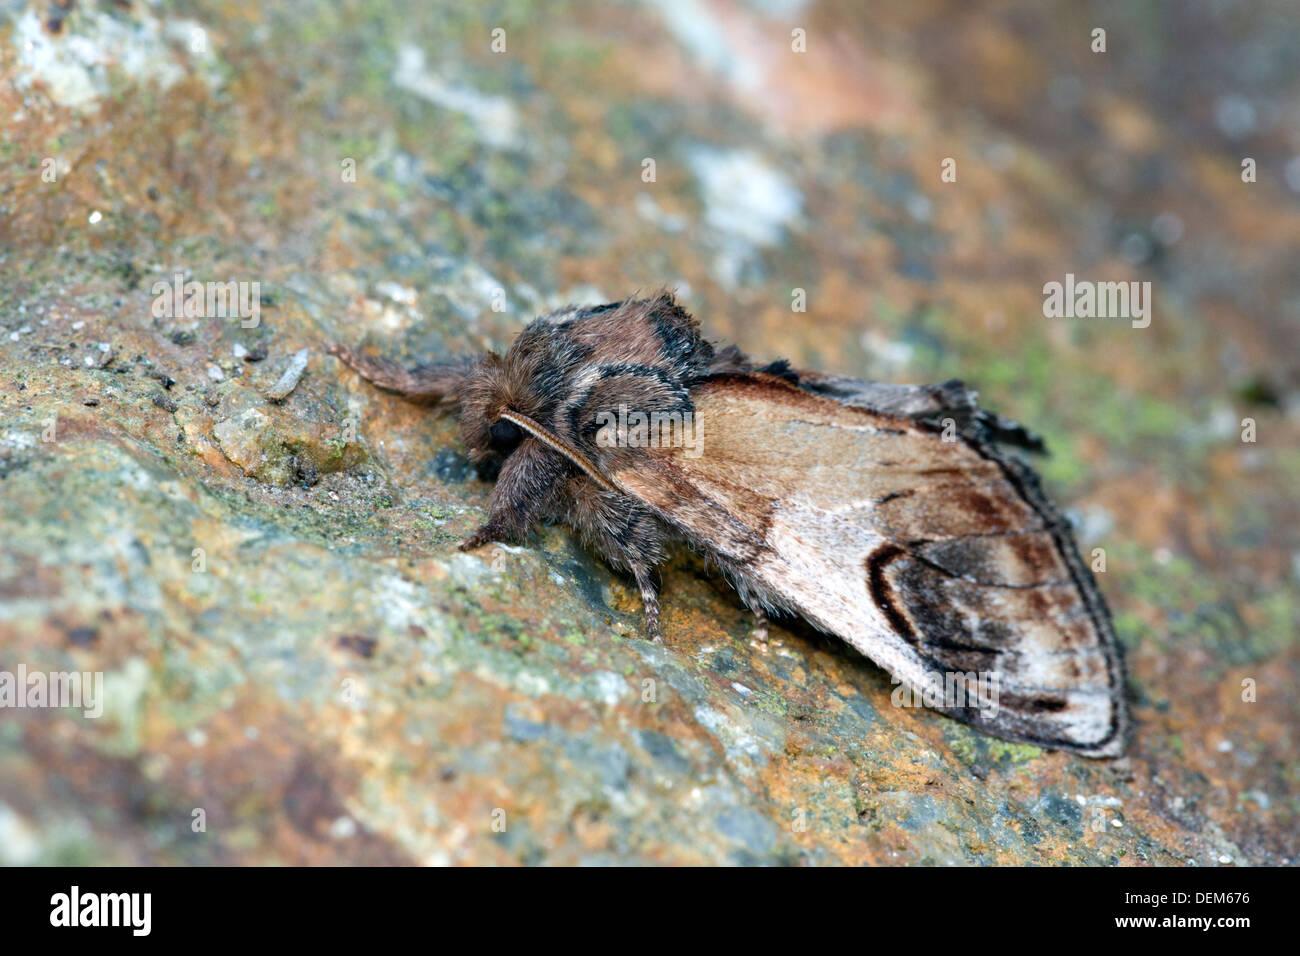 Di ghiaia falena prominente; Notodonta ziczac; estate; Regno Unito Immagini Stock